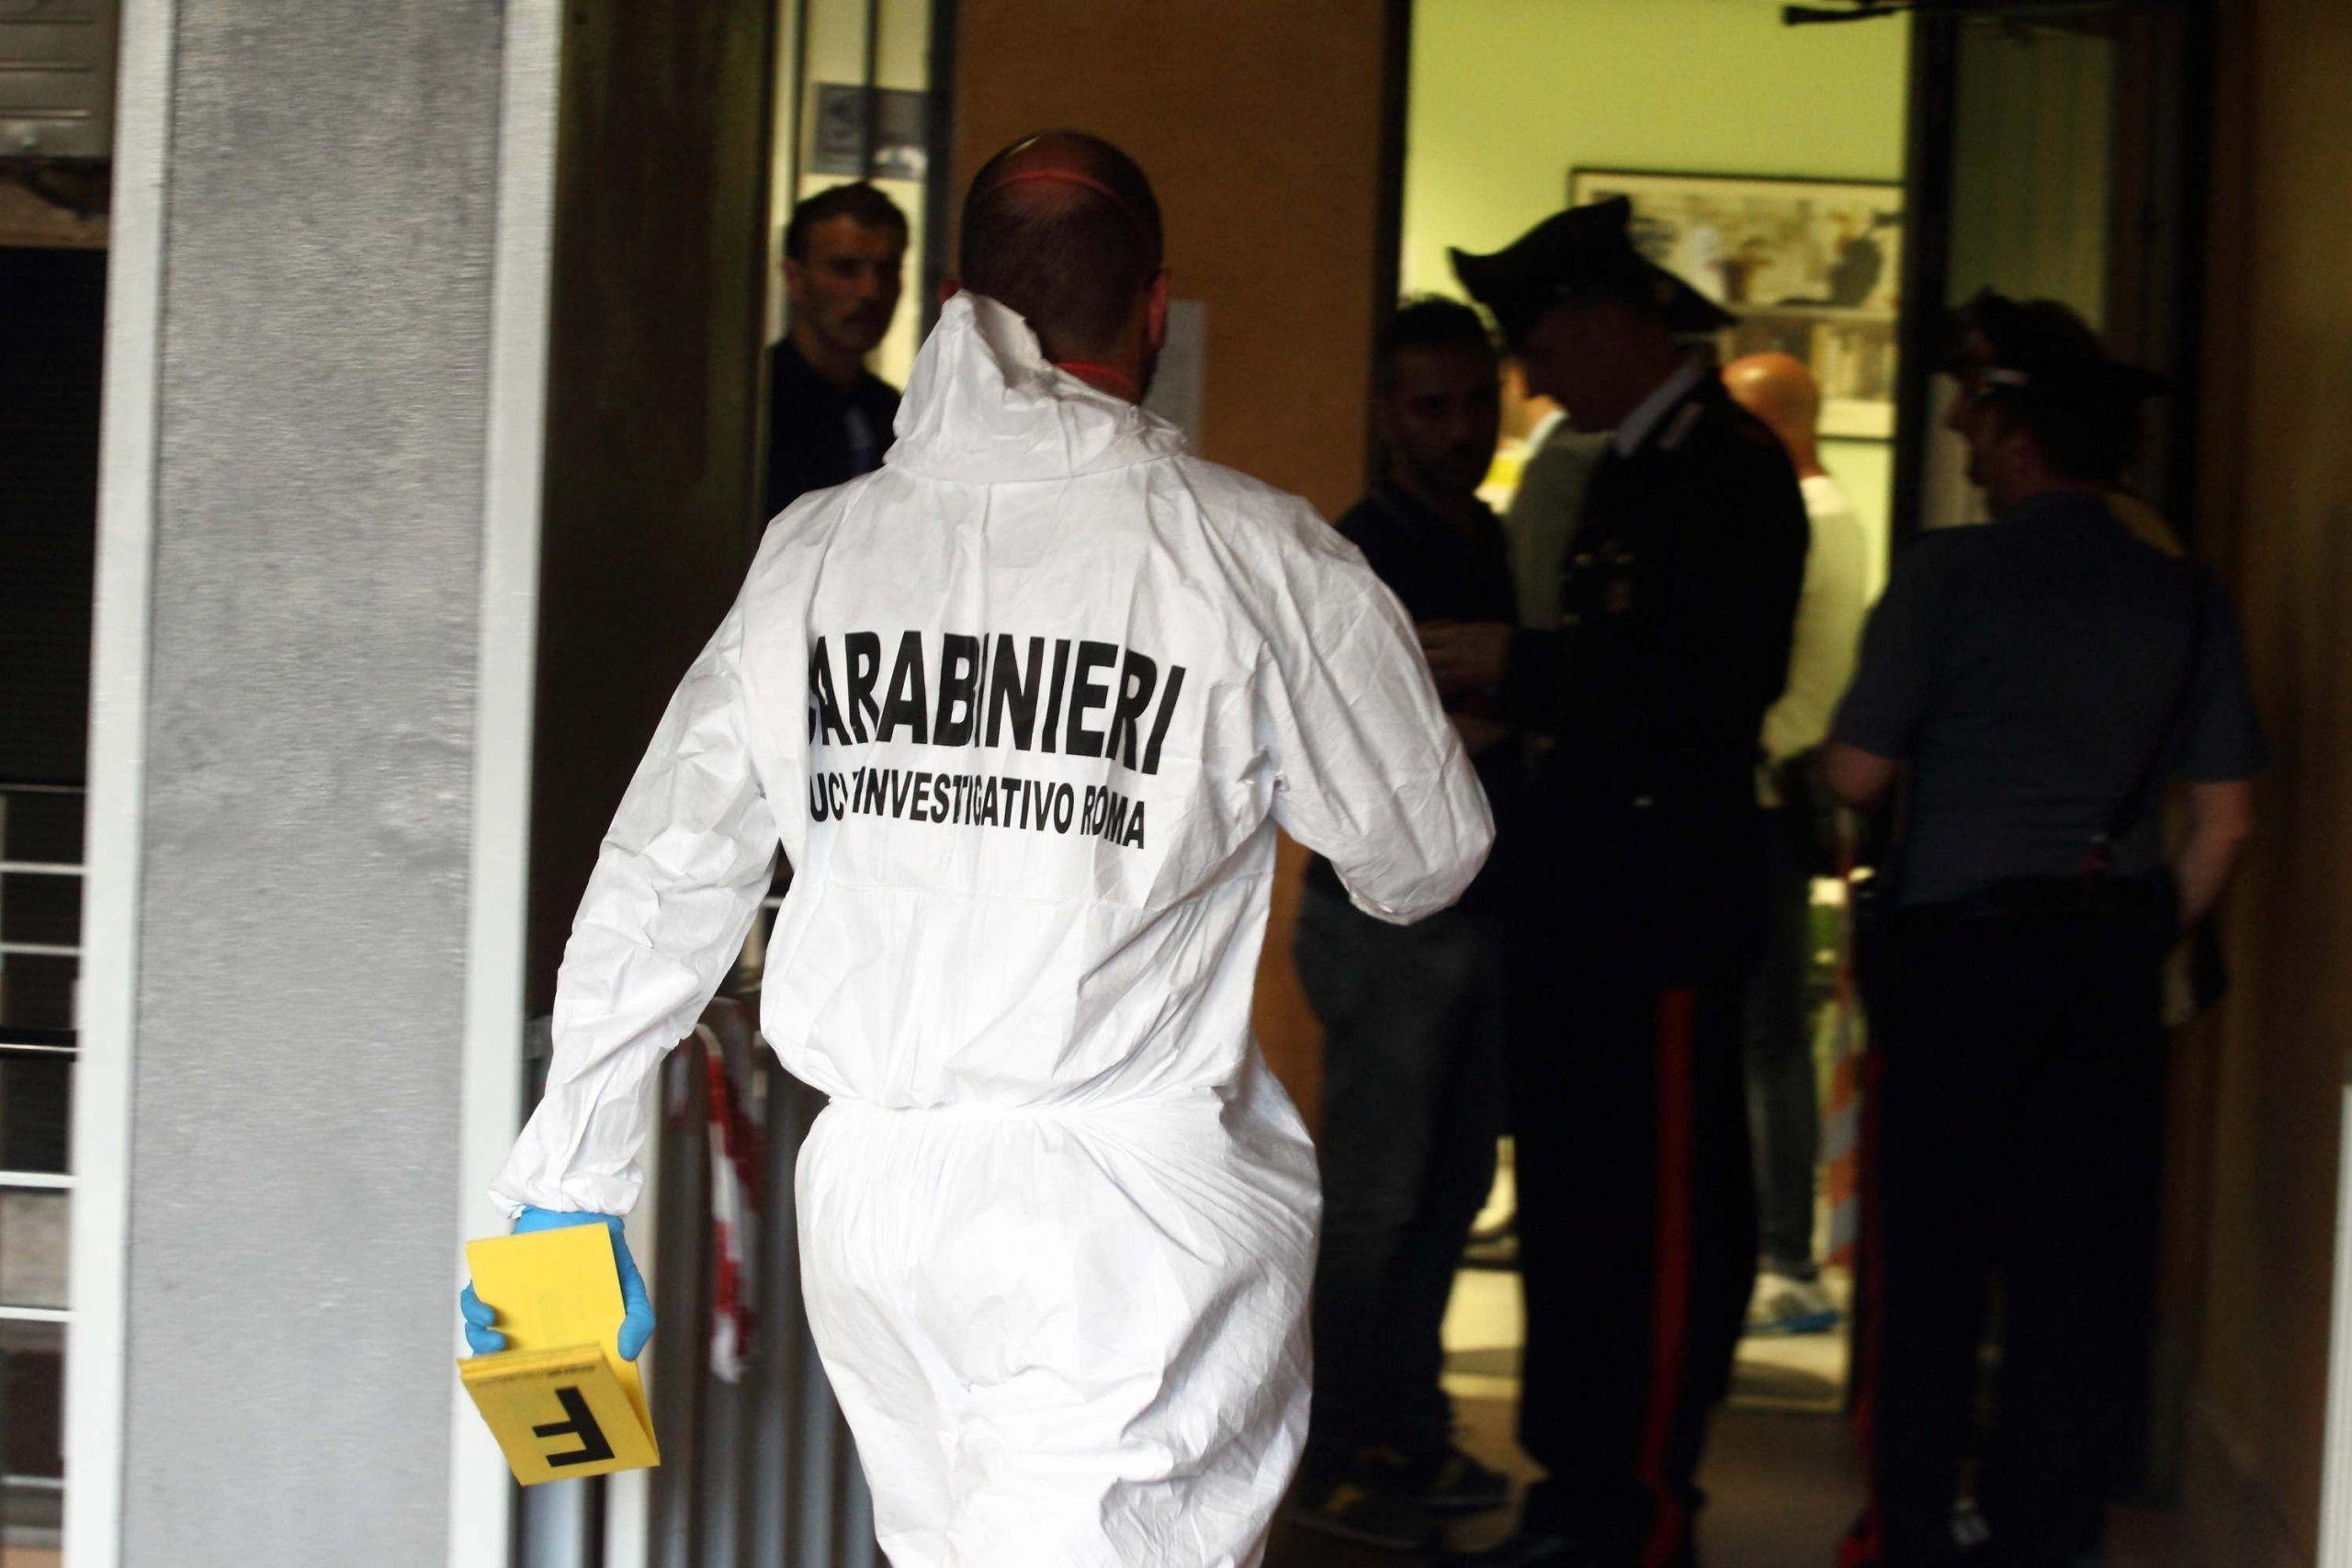 Parte colpo pistola muore uomo in studio medico a Roma